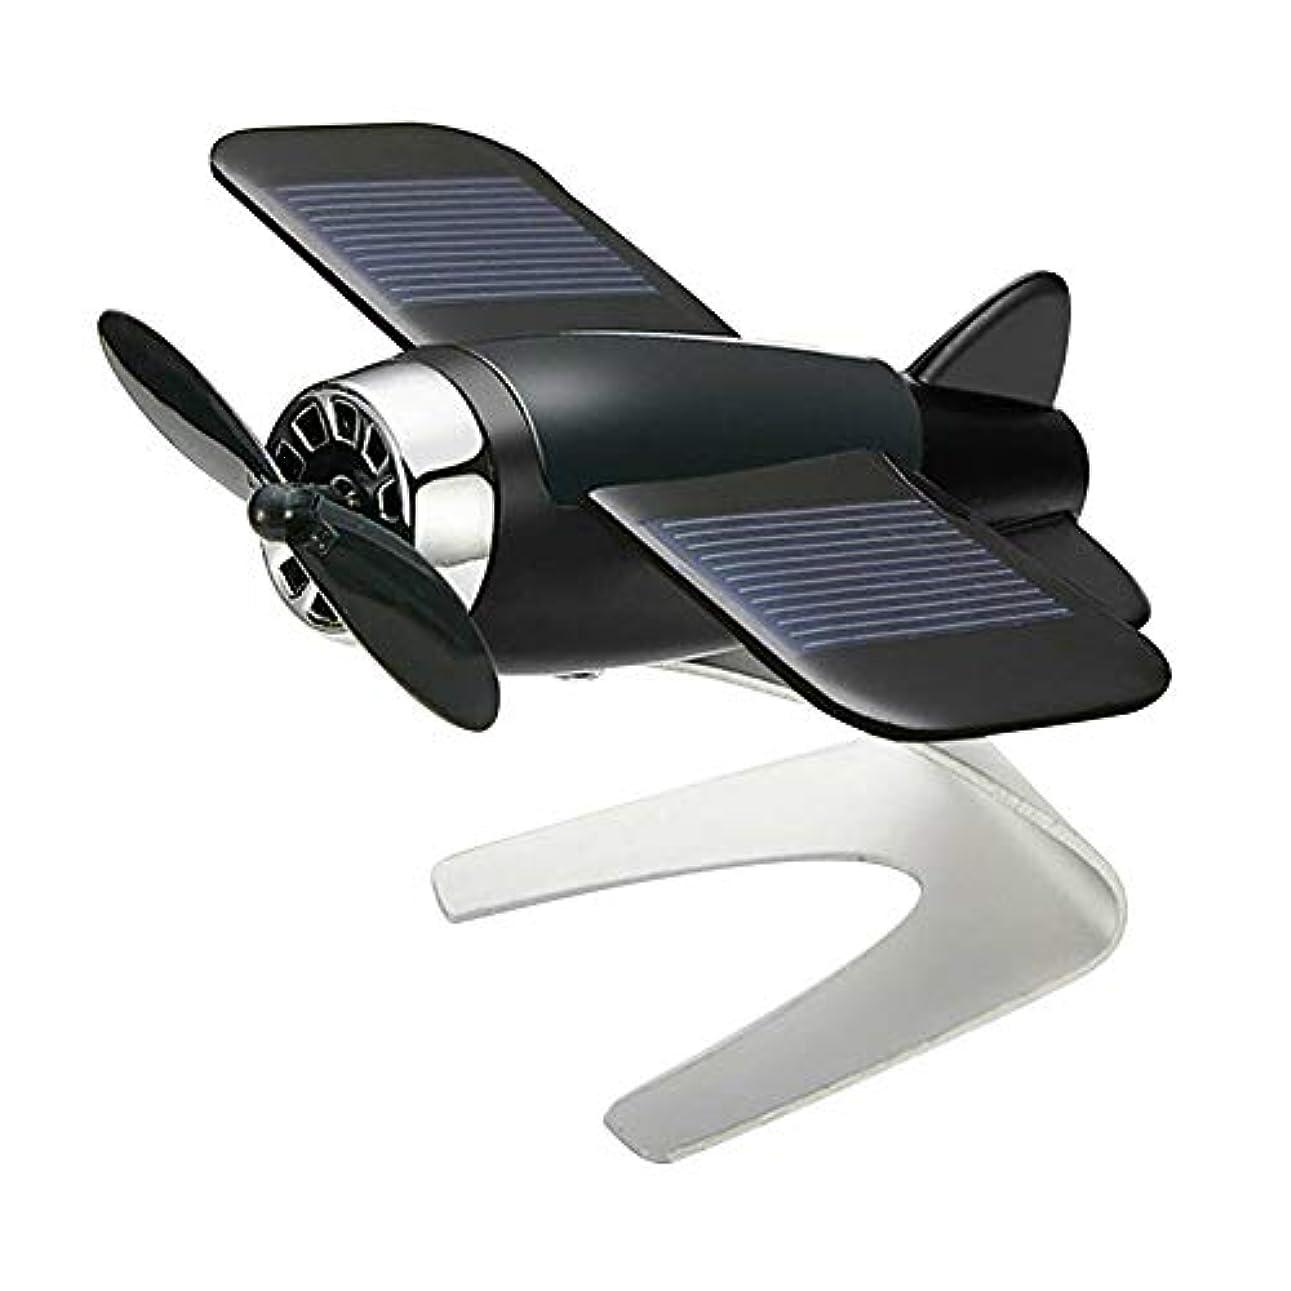 証言ソーダ水適格Symboat 車の芳香剤飛行機航空機モデル太陽エネルギーアロマテラピー室内装飾